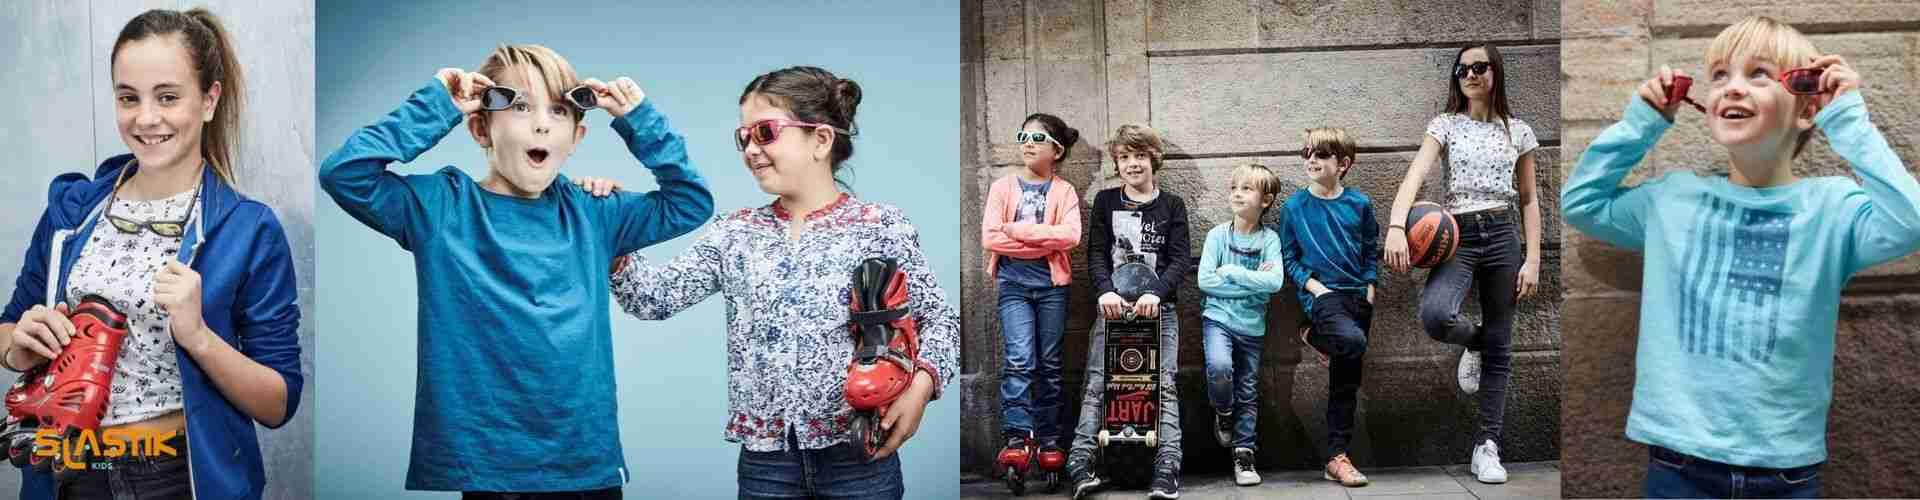 Dětské sluneční brýle na magnet Slastik